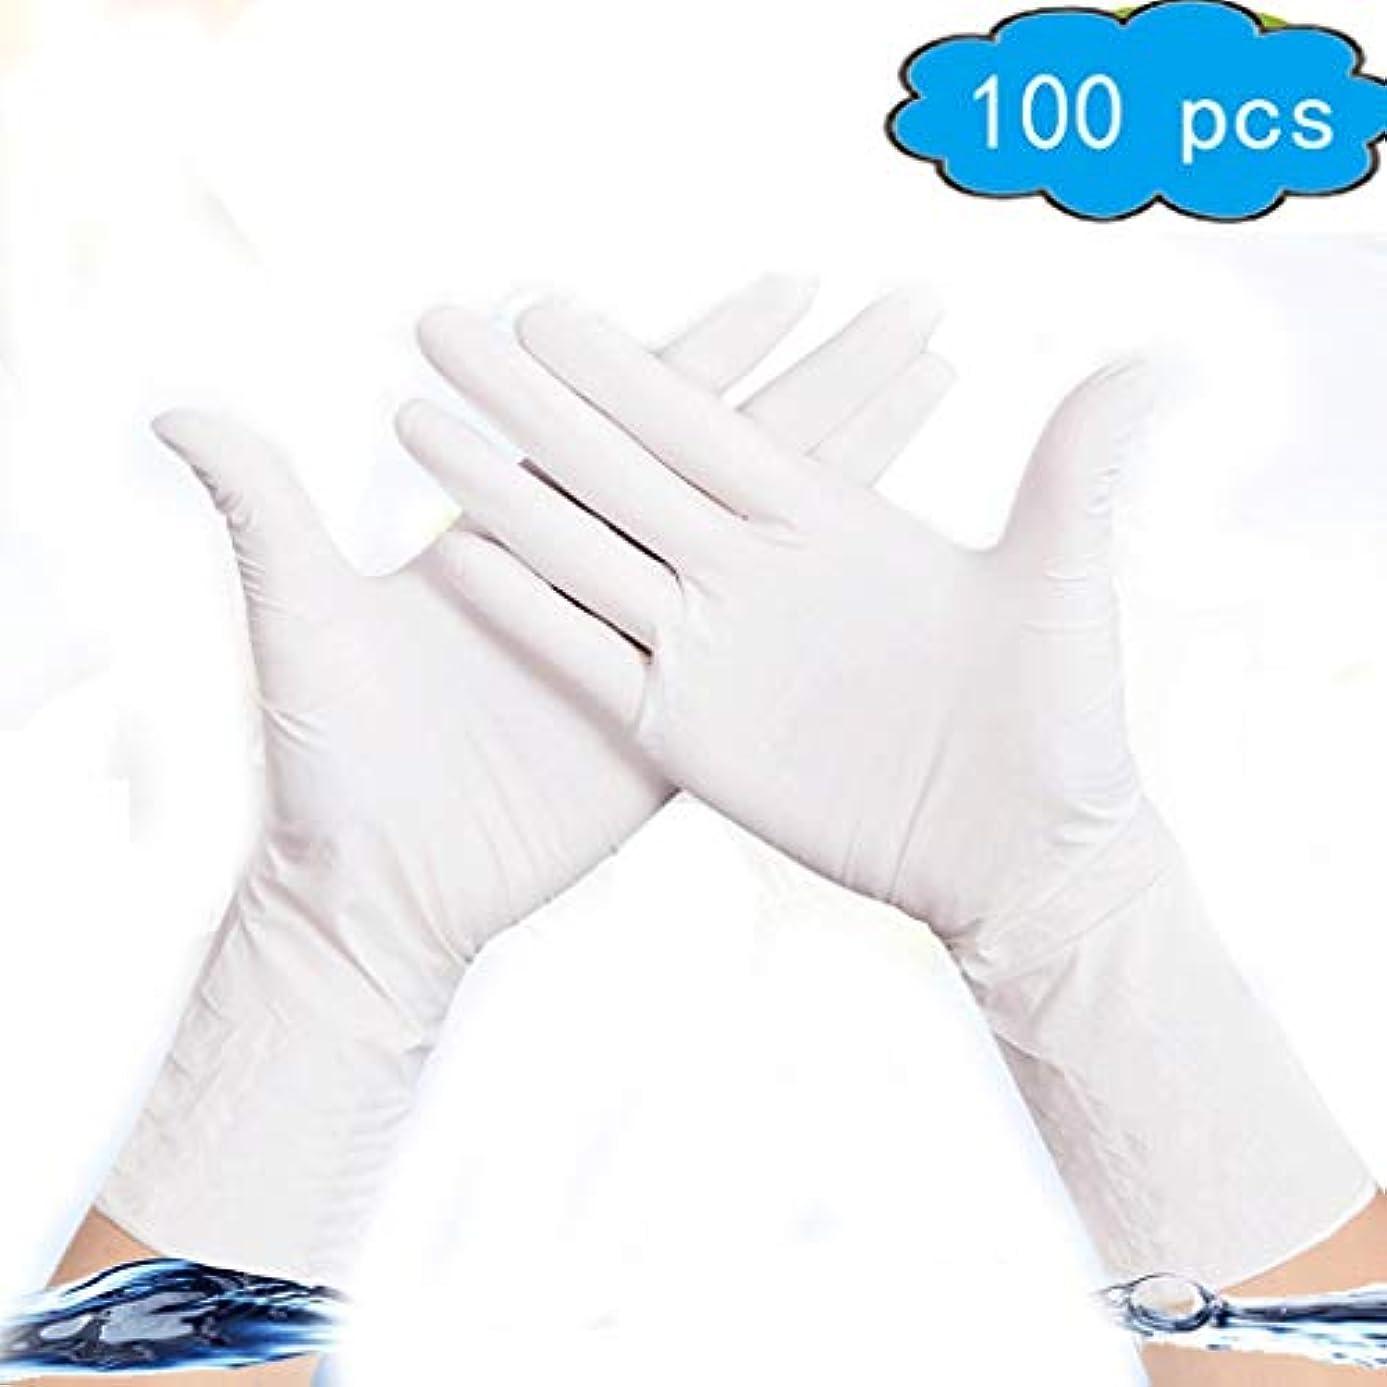 使い捨てニトリル手袋、無粉末、滑らかな肌触り、食品グレード、非滅菌[100パック]、サニタリー手袋、家庭用品、ツール&ホームインプルーブメント (Color : White, Size : XS)